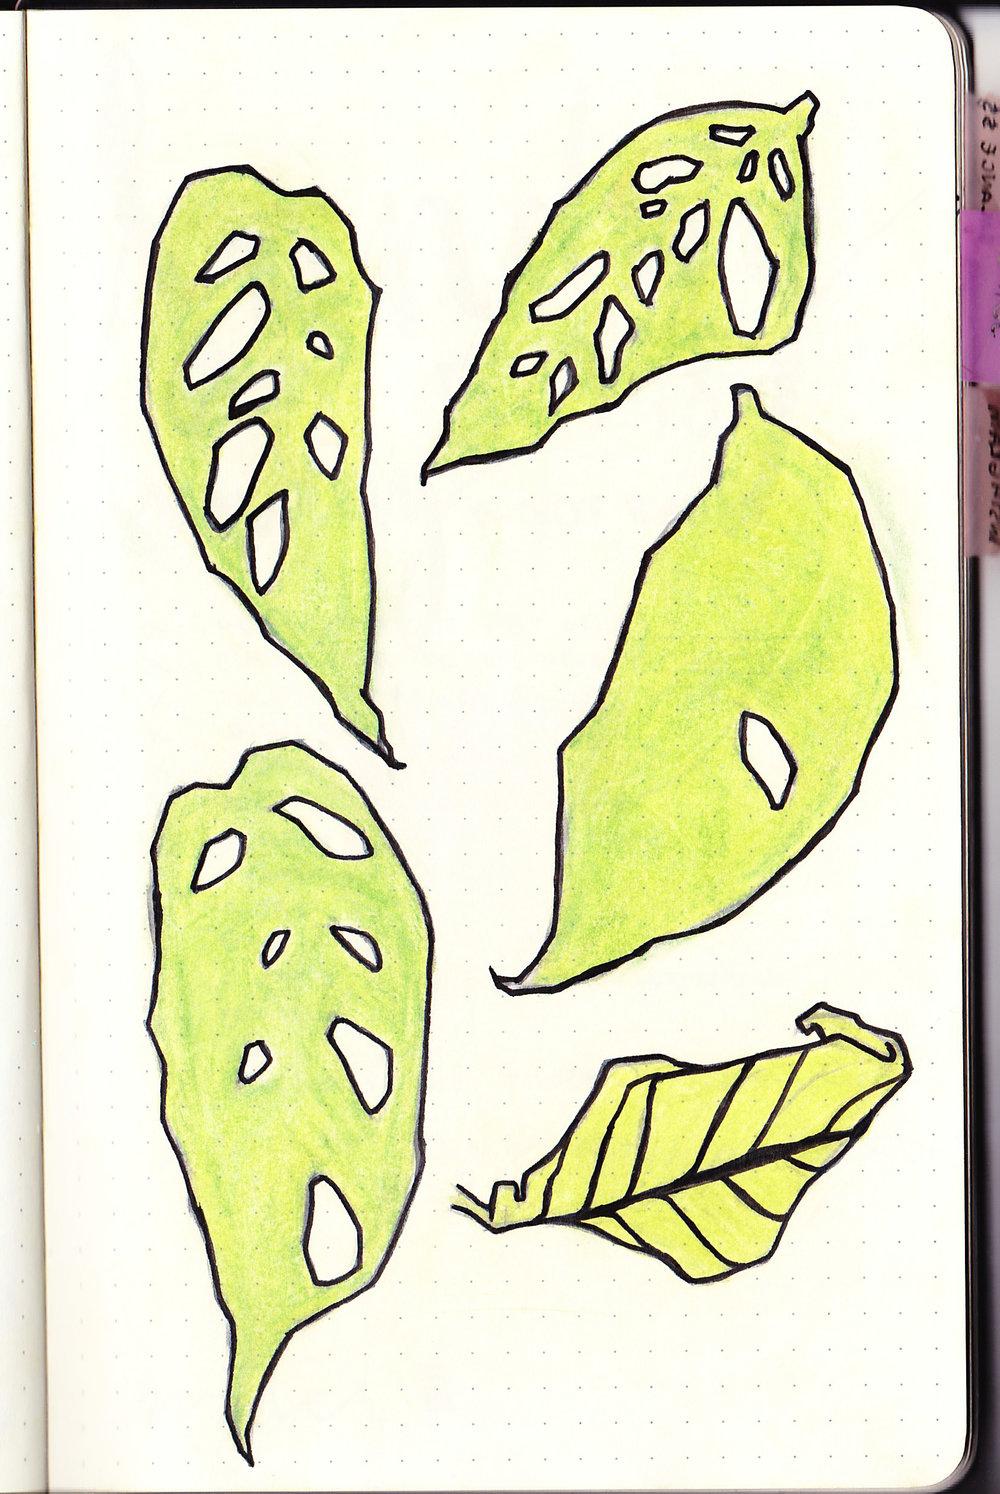 Sketch_011.jpg